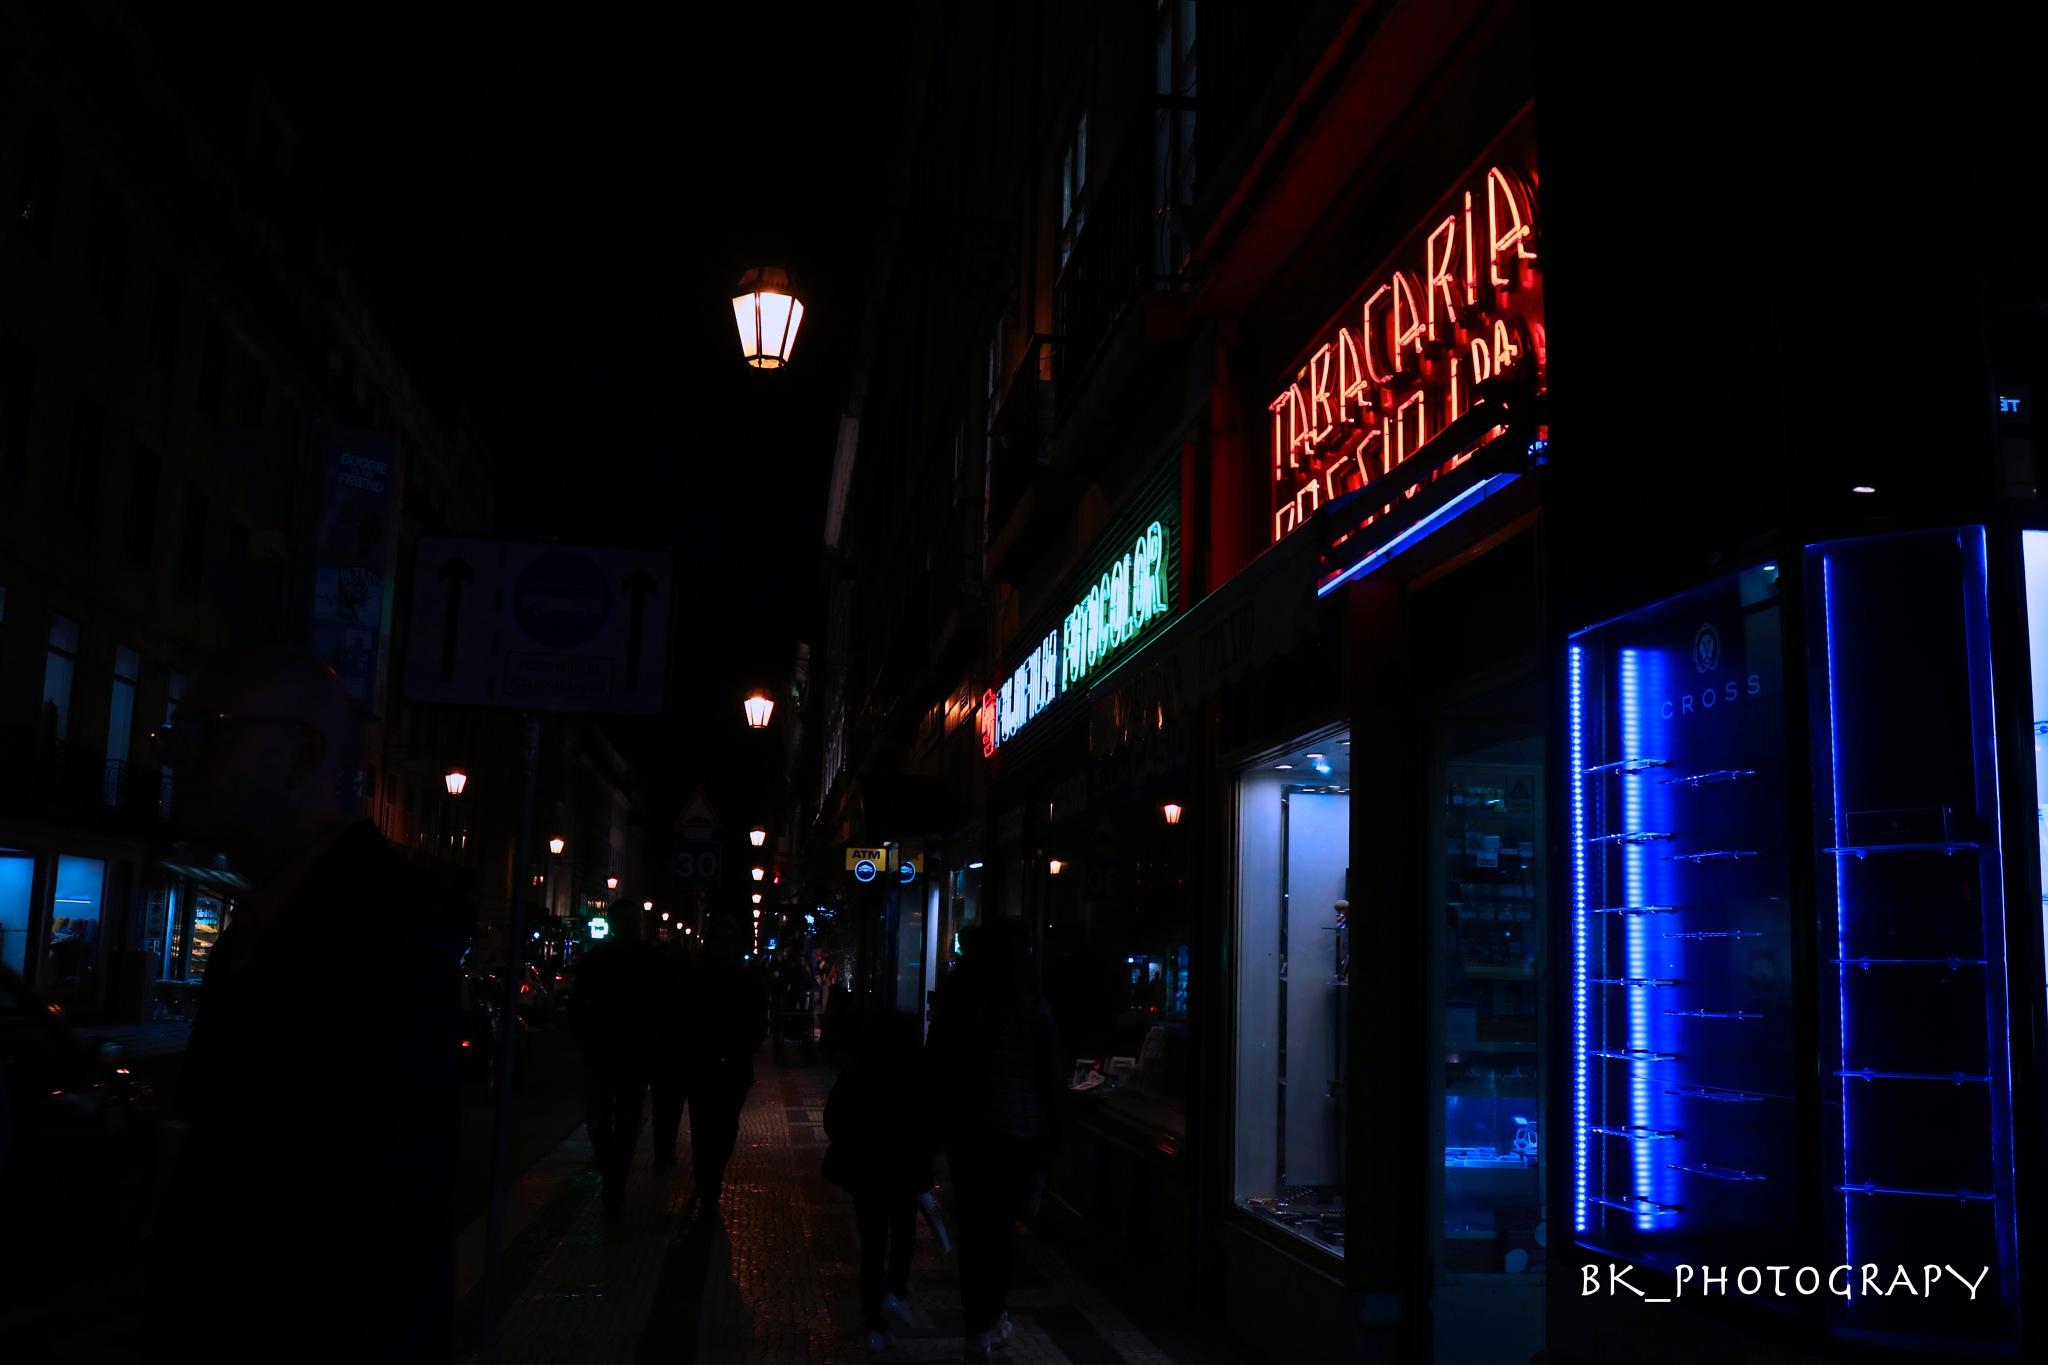 Light night by BK